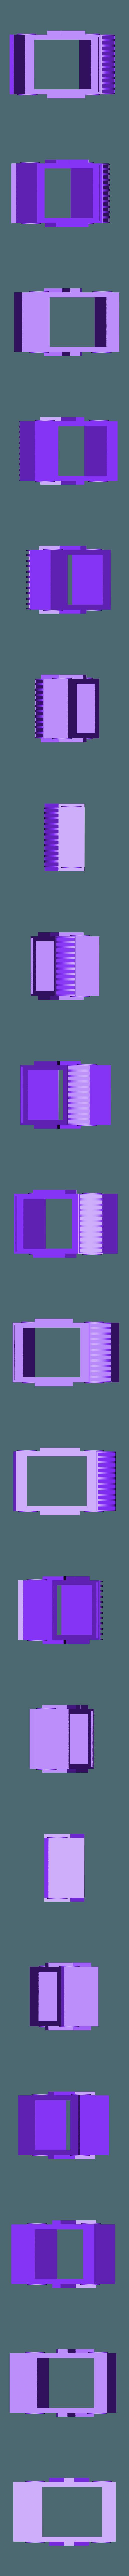 4_rar_flam_body.stl Télécharger fichier STL gratuit Vehcile de jeu de science-fiction Flamwagen à 4 rayons • Objet imprimable en 3D, redstarkits